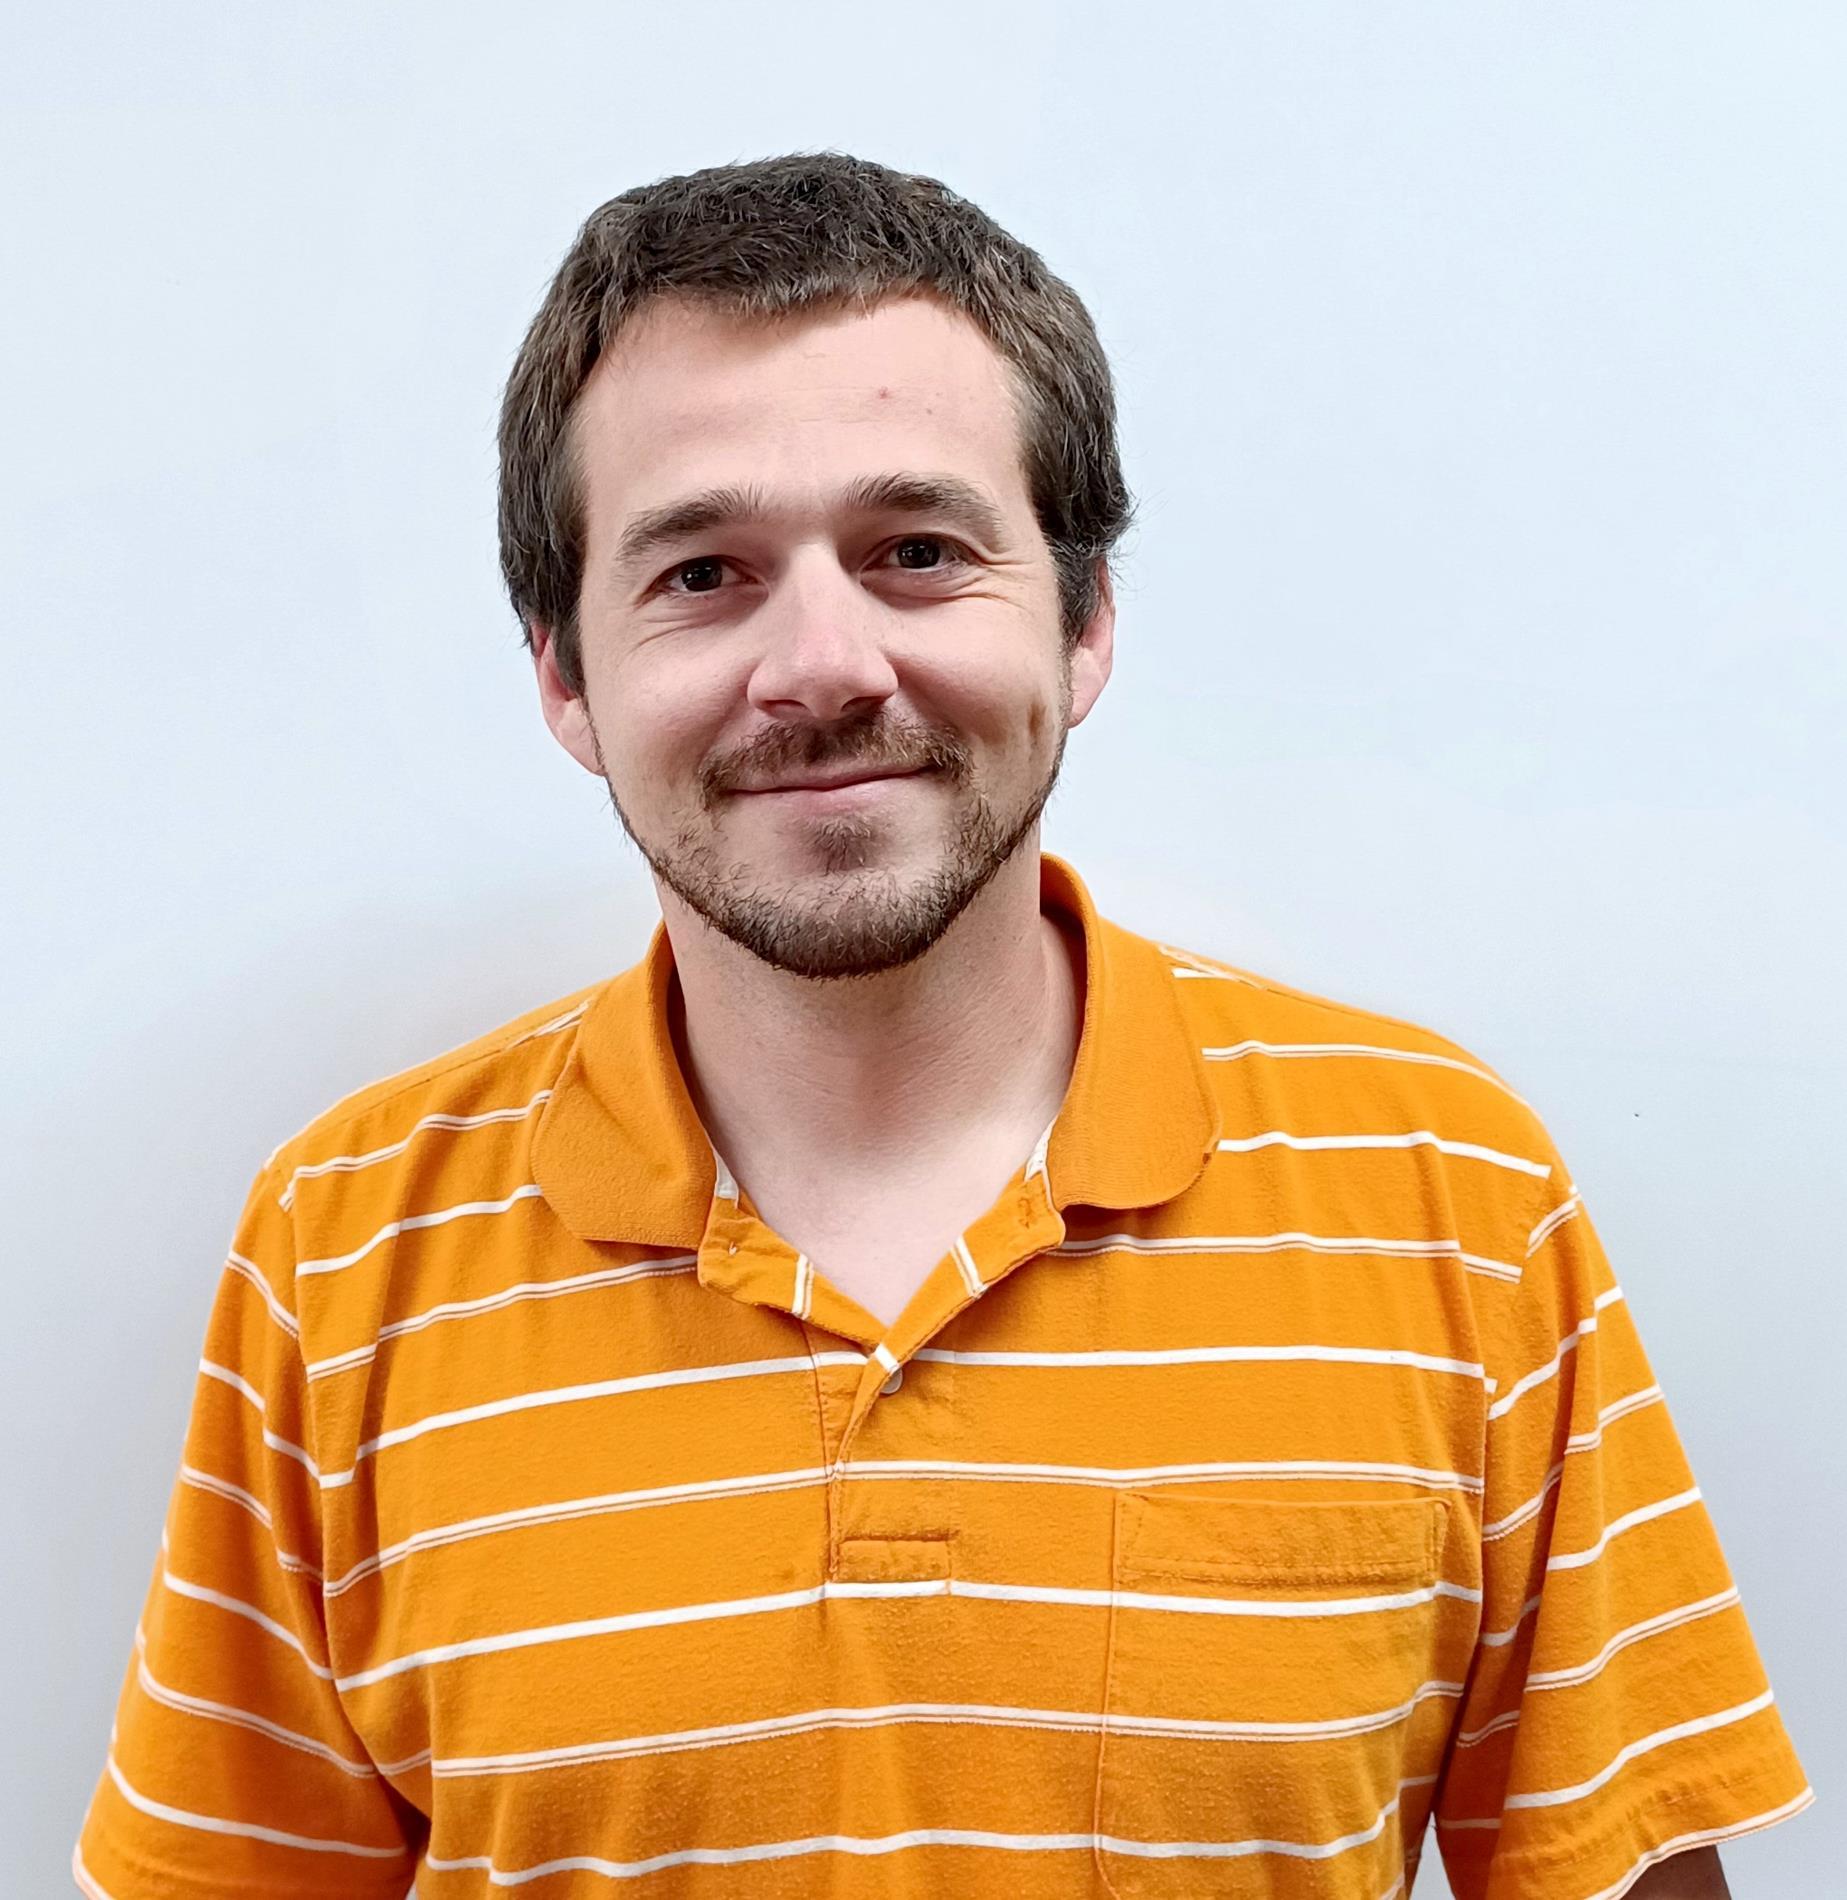 Eric Wellnitz